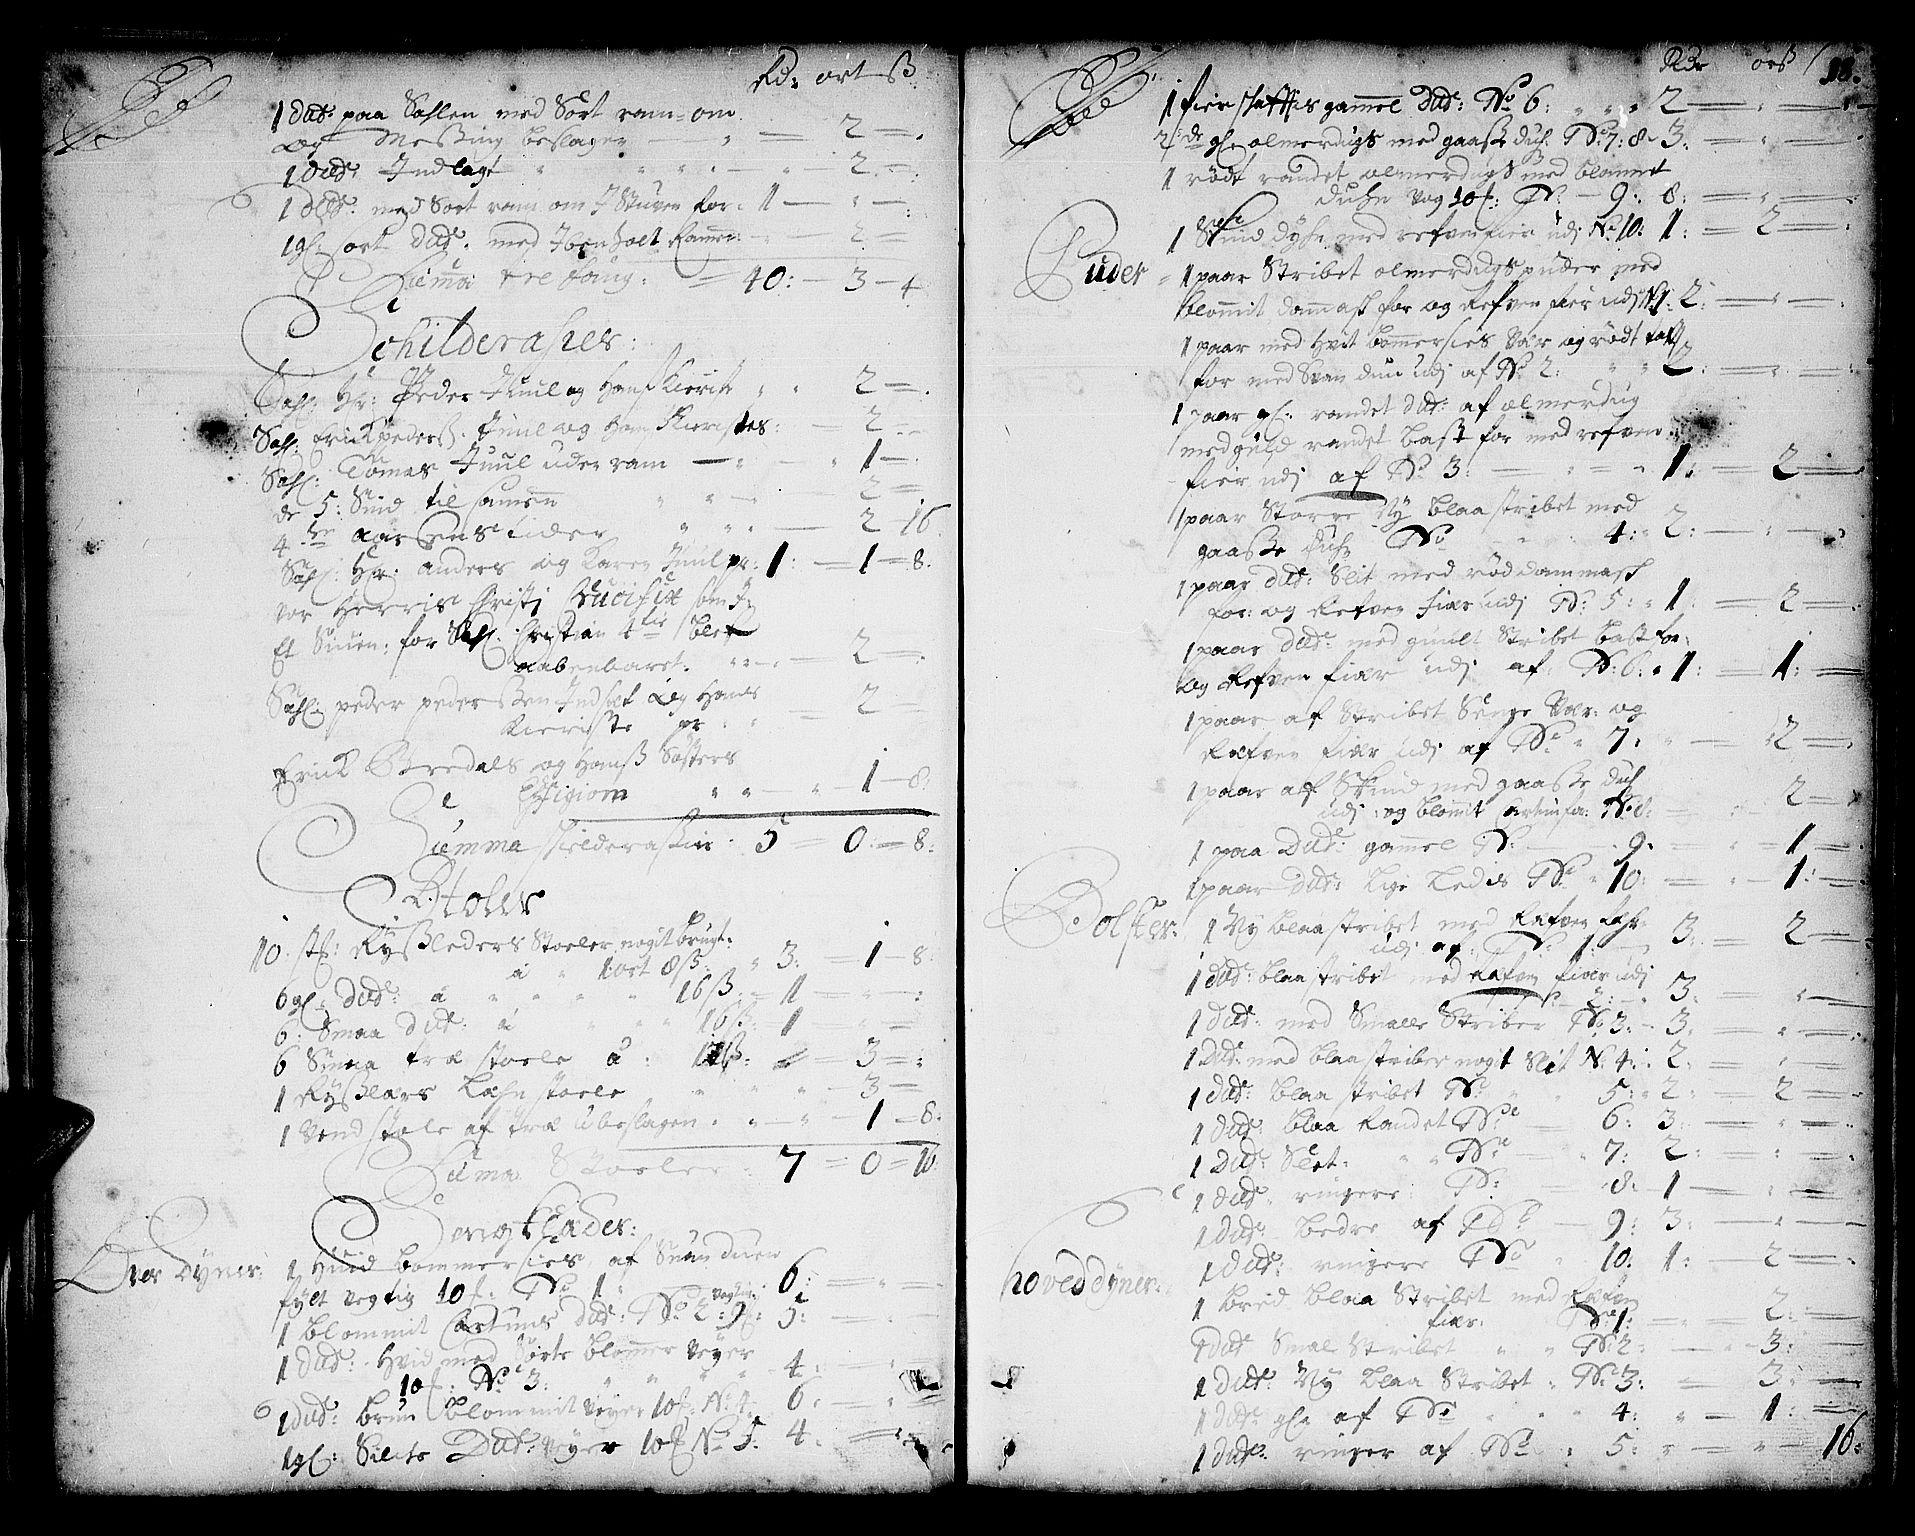 SAT, Romsdal prosti, I/I1/L0001: Retts- og skifteprotokoll m/register, 1706-1749, s. 17b-18a